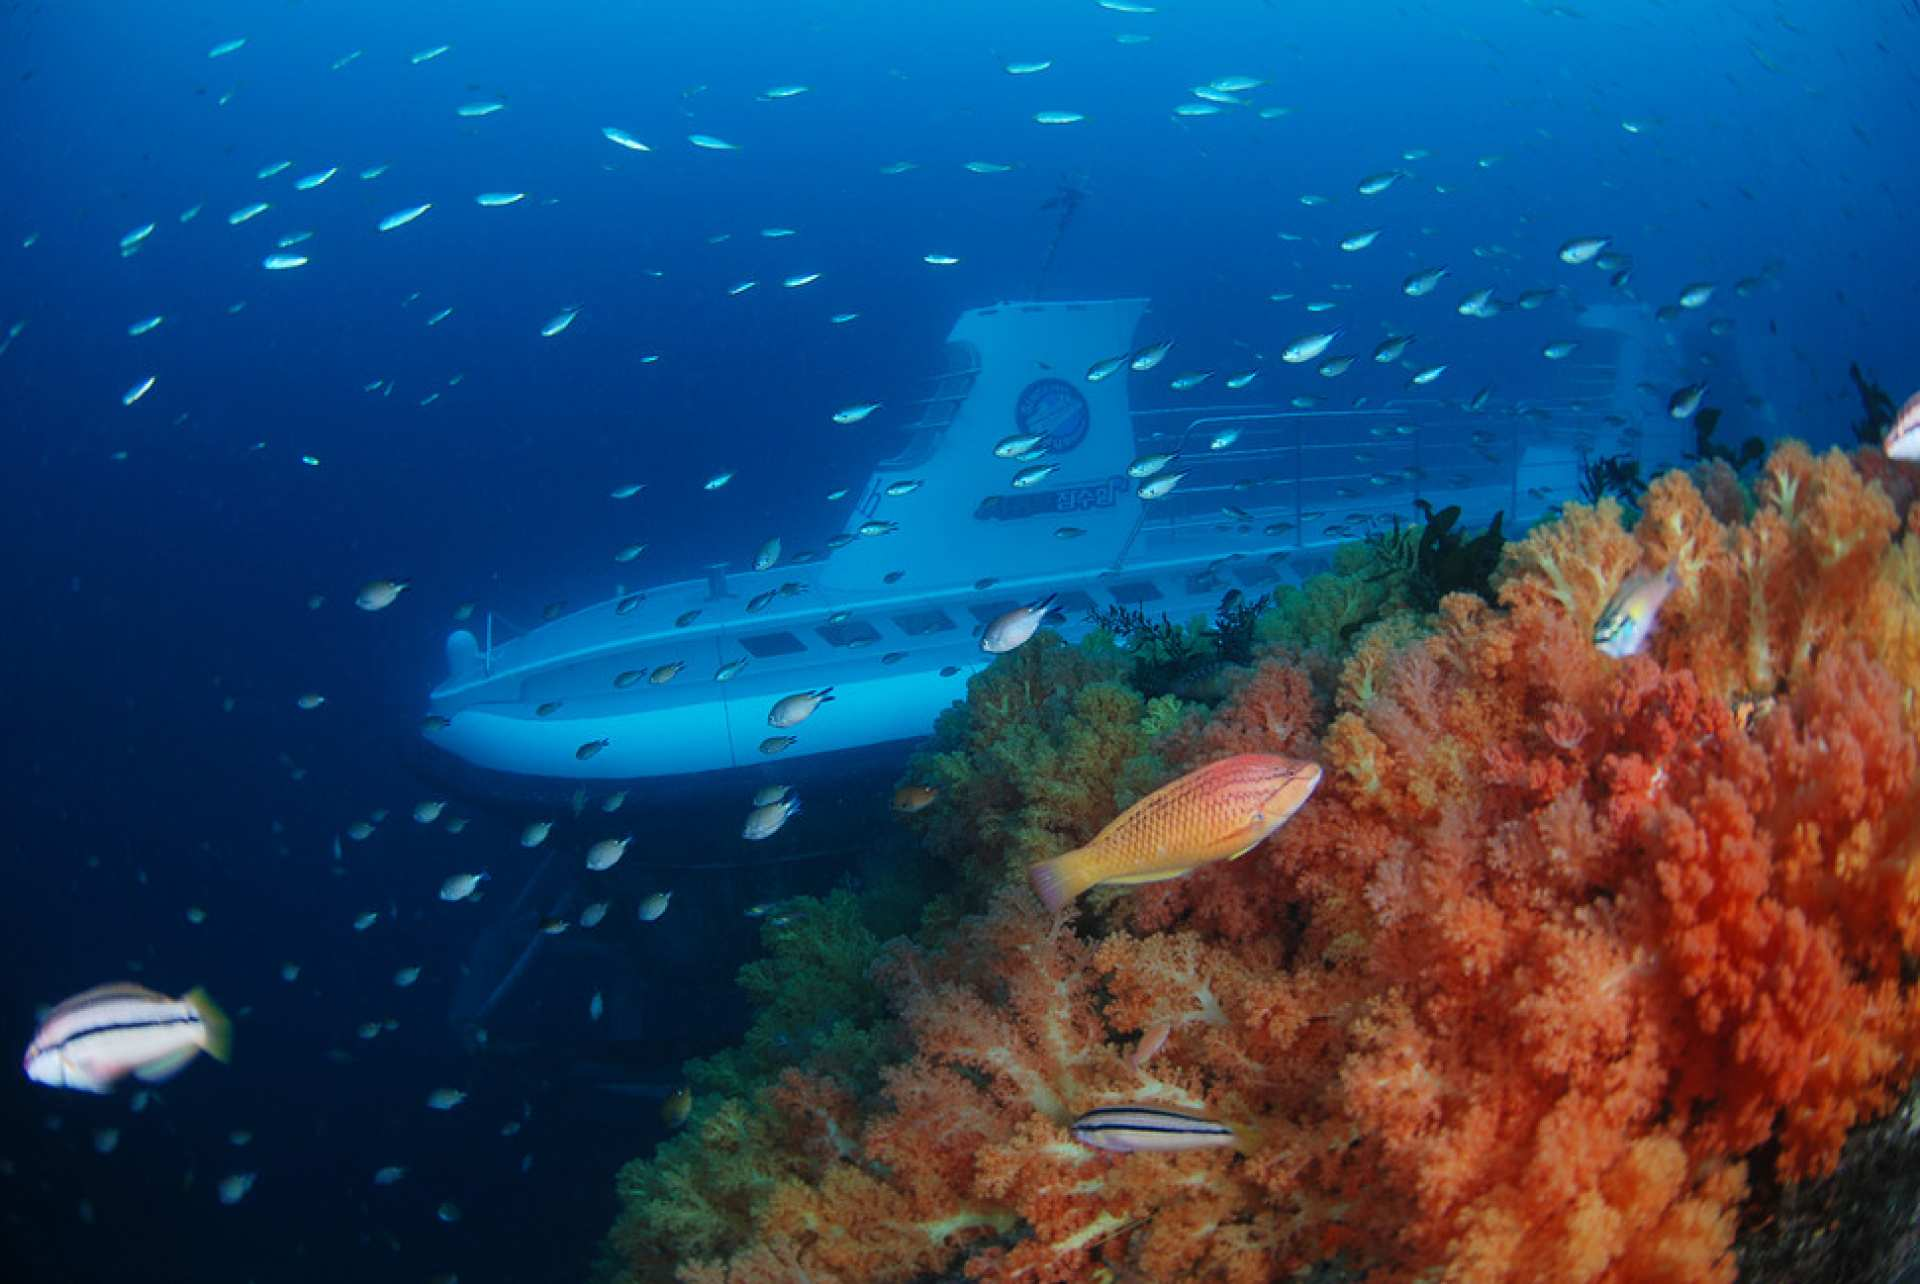 【絕美海底秘境】濟州島西歸浦潛水艇體驗